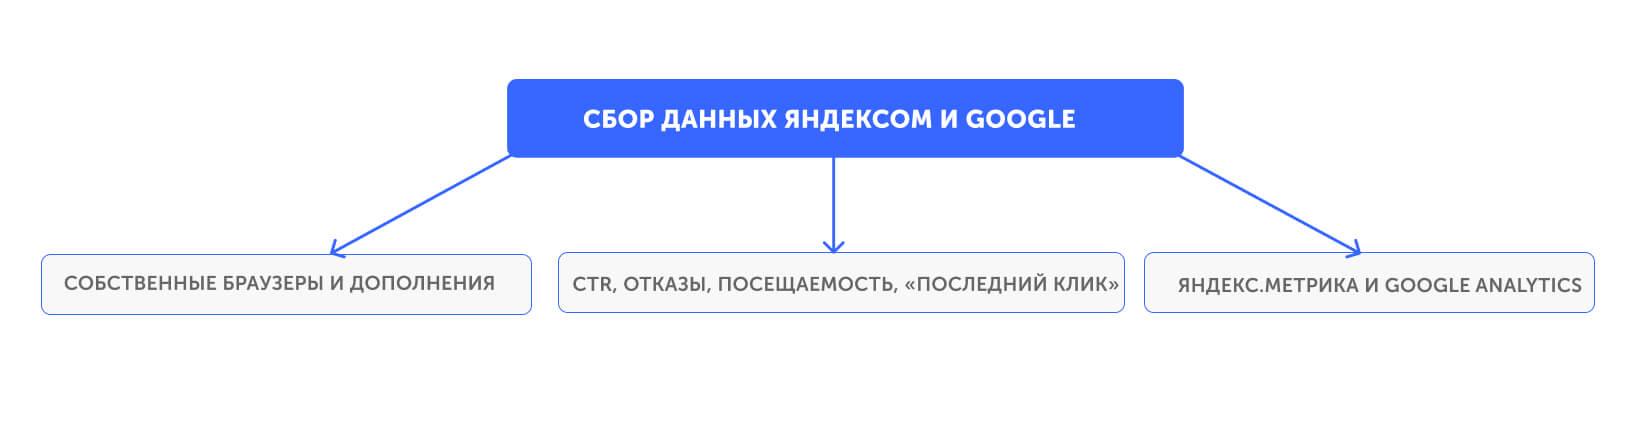 Как Яндекс и Google собирают данные